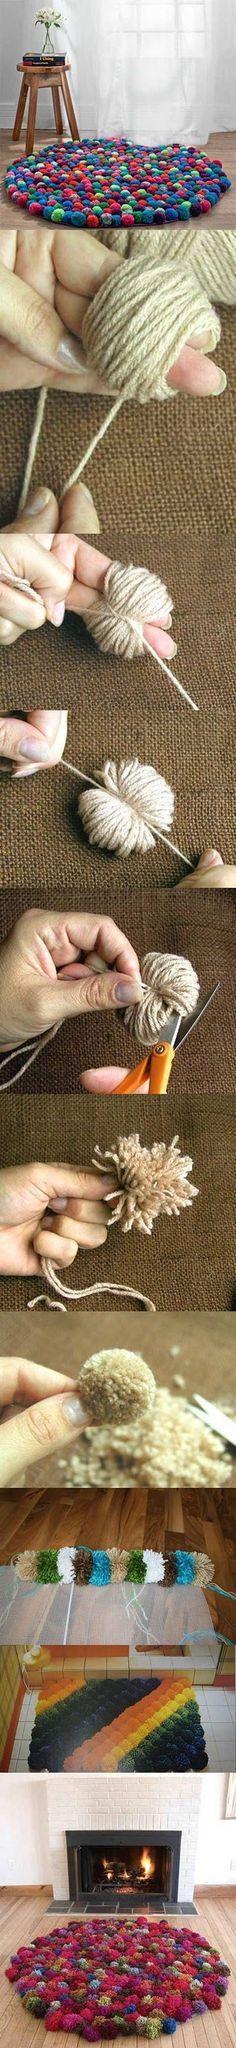 Diy Beautiful Carpet   DIY & Crafts web Tutorials  Alfombras de pompones